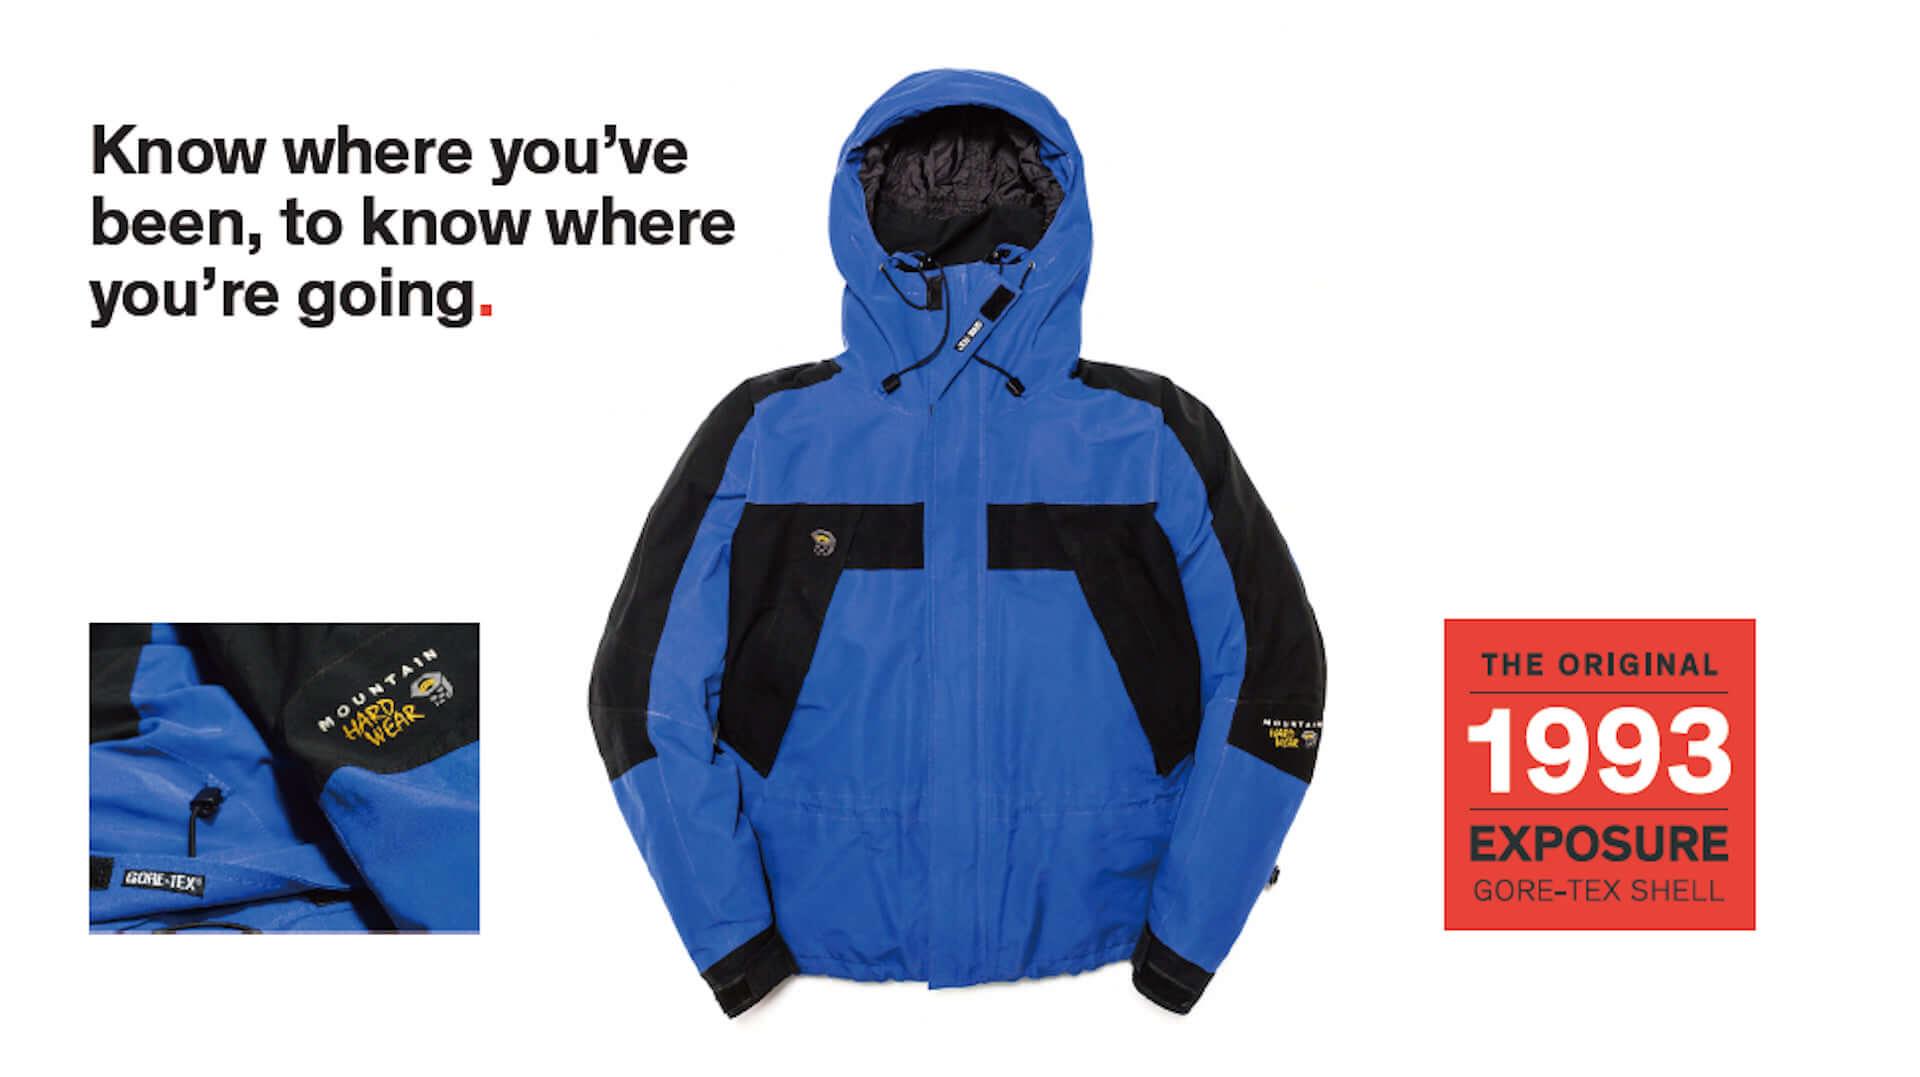 豪雨も防げる防水ジャケットが登場|90s'代表作を復刻した「Paradigm Jacket」9月上旬発売 lifefashion190626pradigmjacket_2-1920x1077